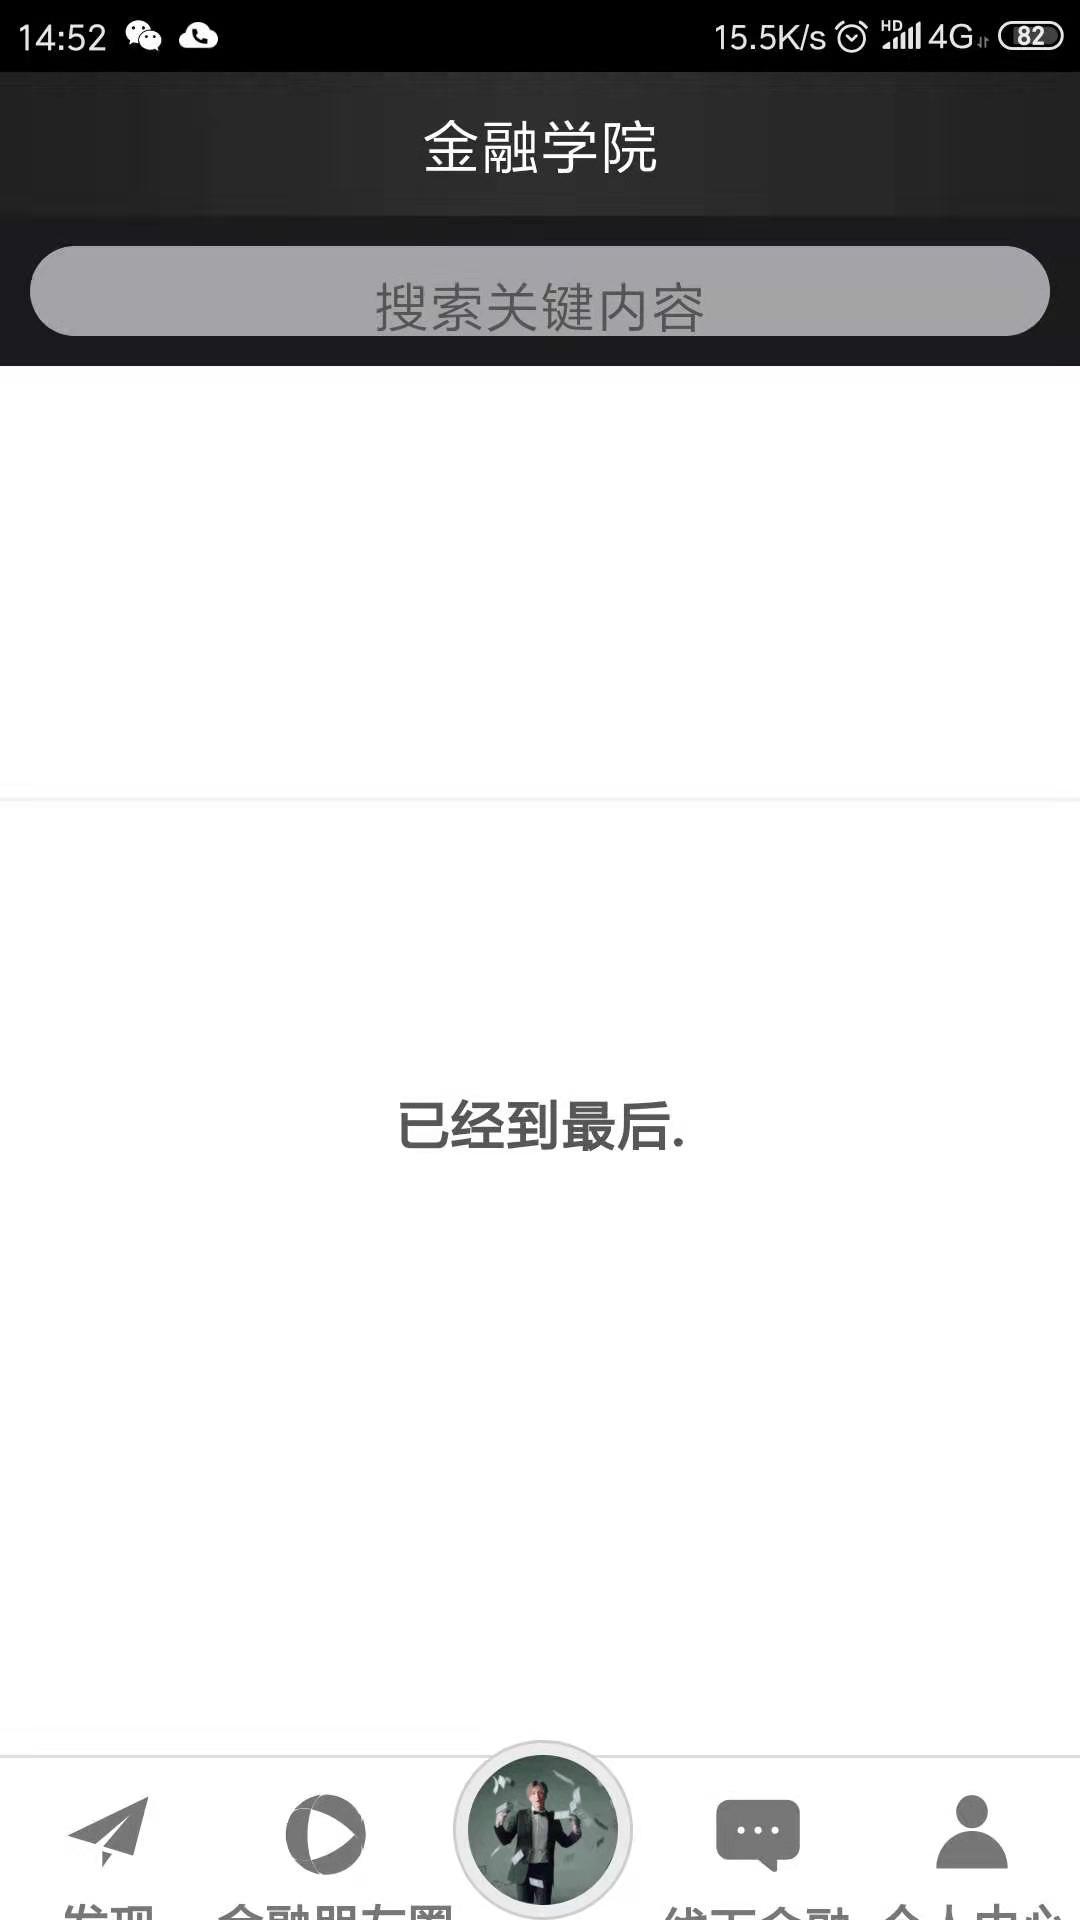 上海智能定制App服务介绍 信息推荐 上海敏迭网络技术供应